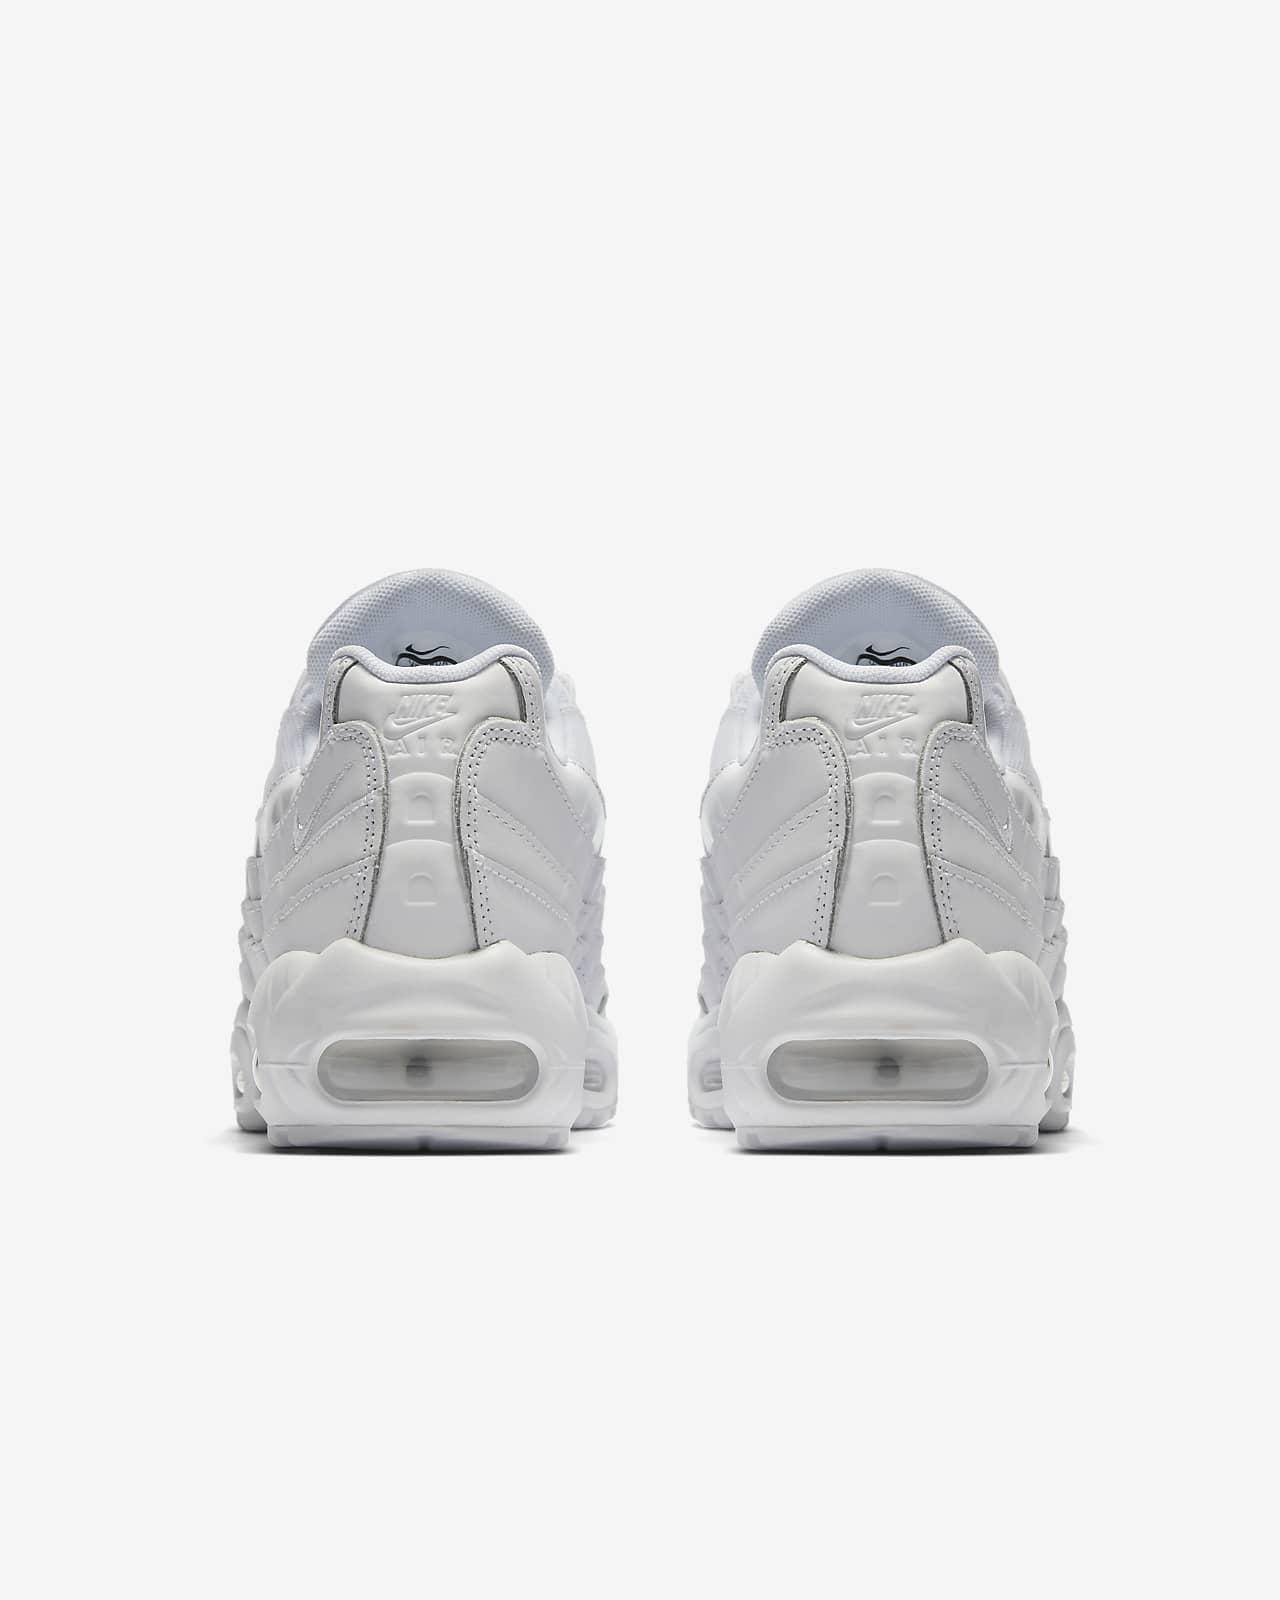 chaussure nike air max 95 femme gris